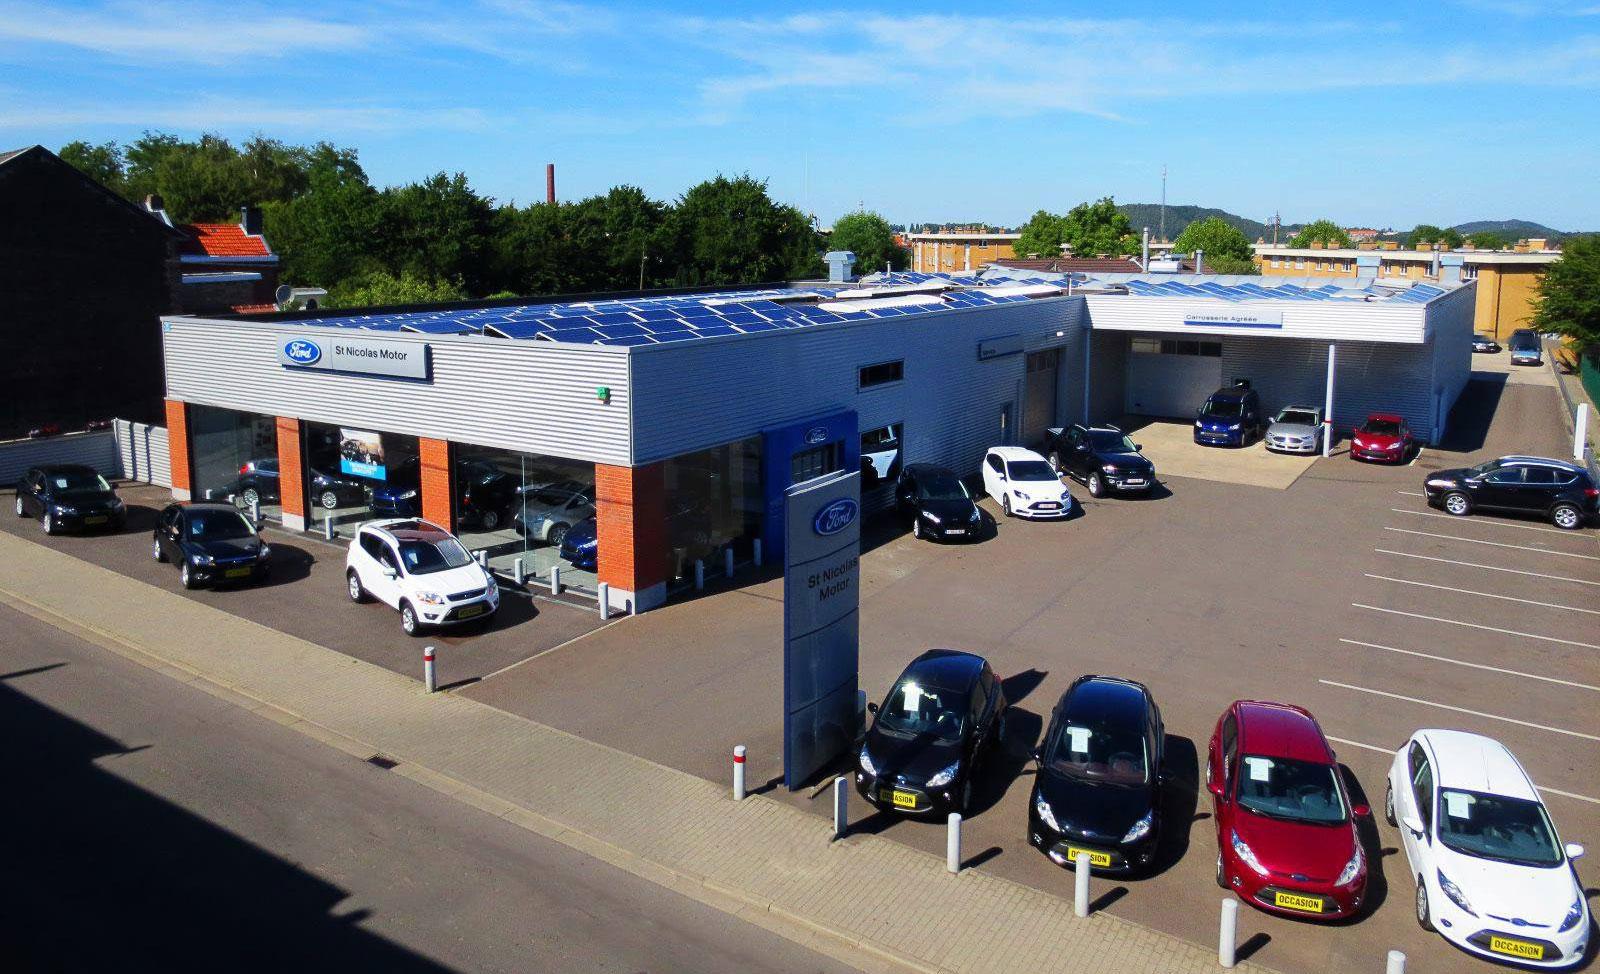 Ford Garage Garage St. Nicolas Motor SPRL